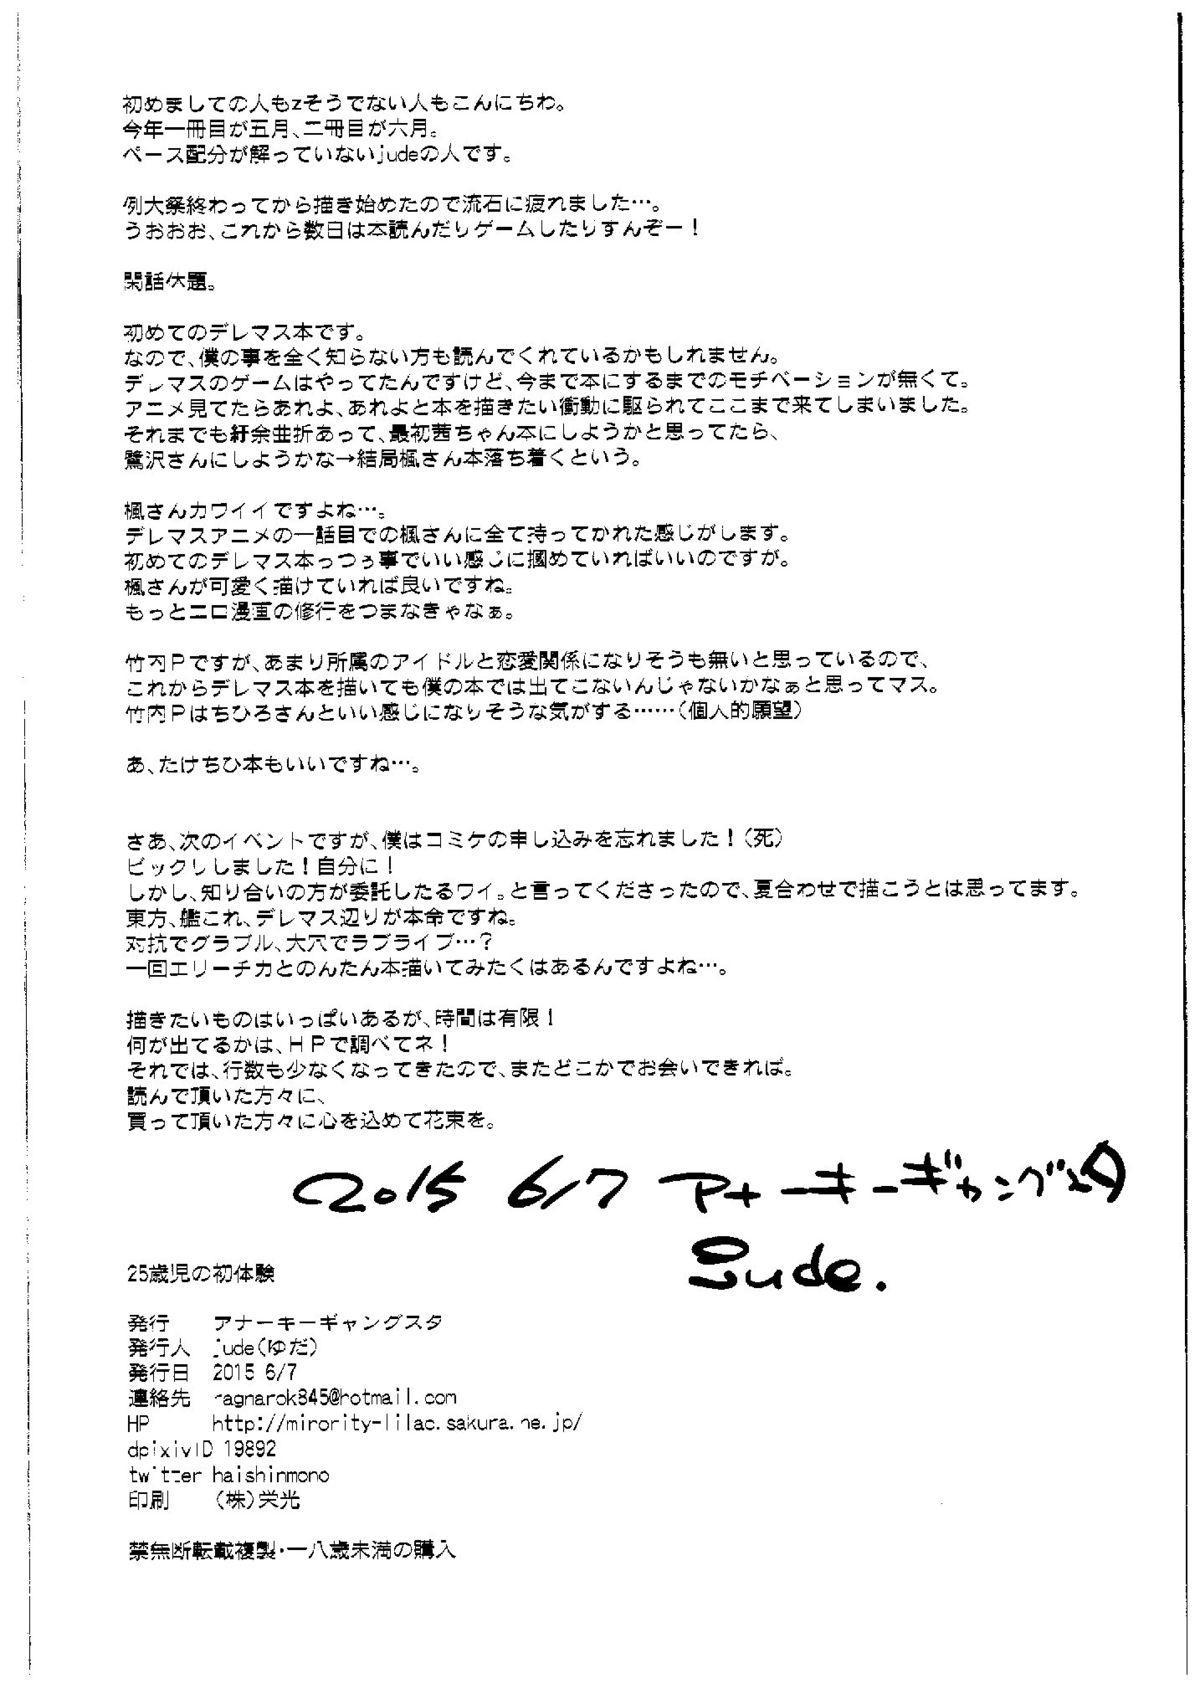 25-saiji no Hatsutaiken 20